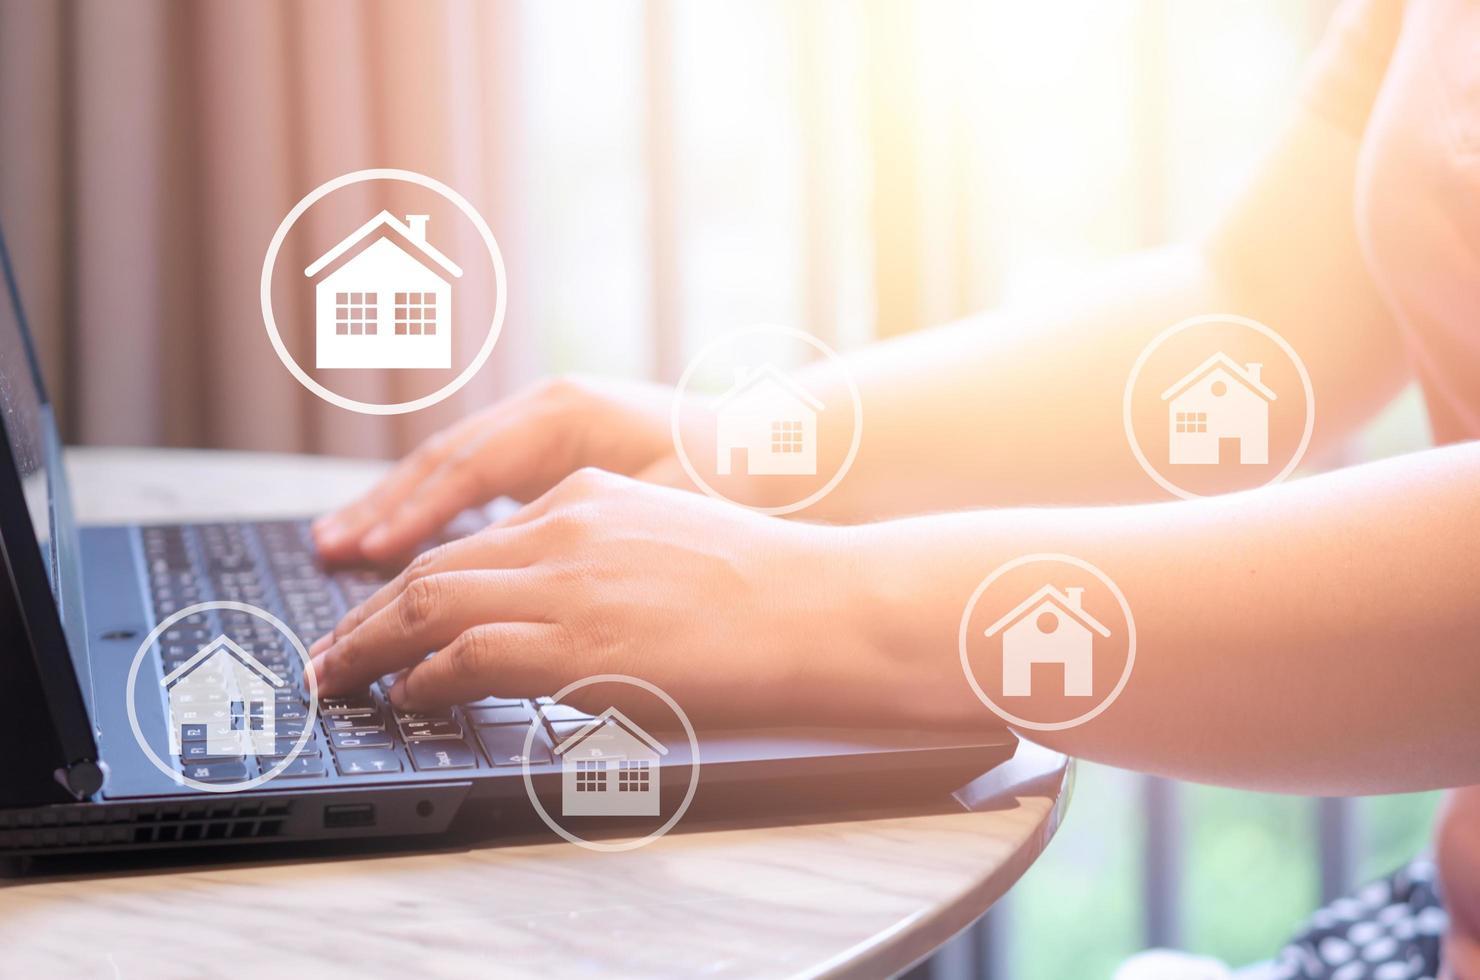 comprar, vender propiedades inmobiliarias manos escribiendo laptop foto